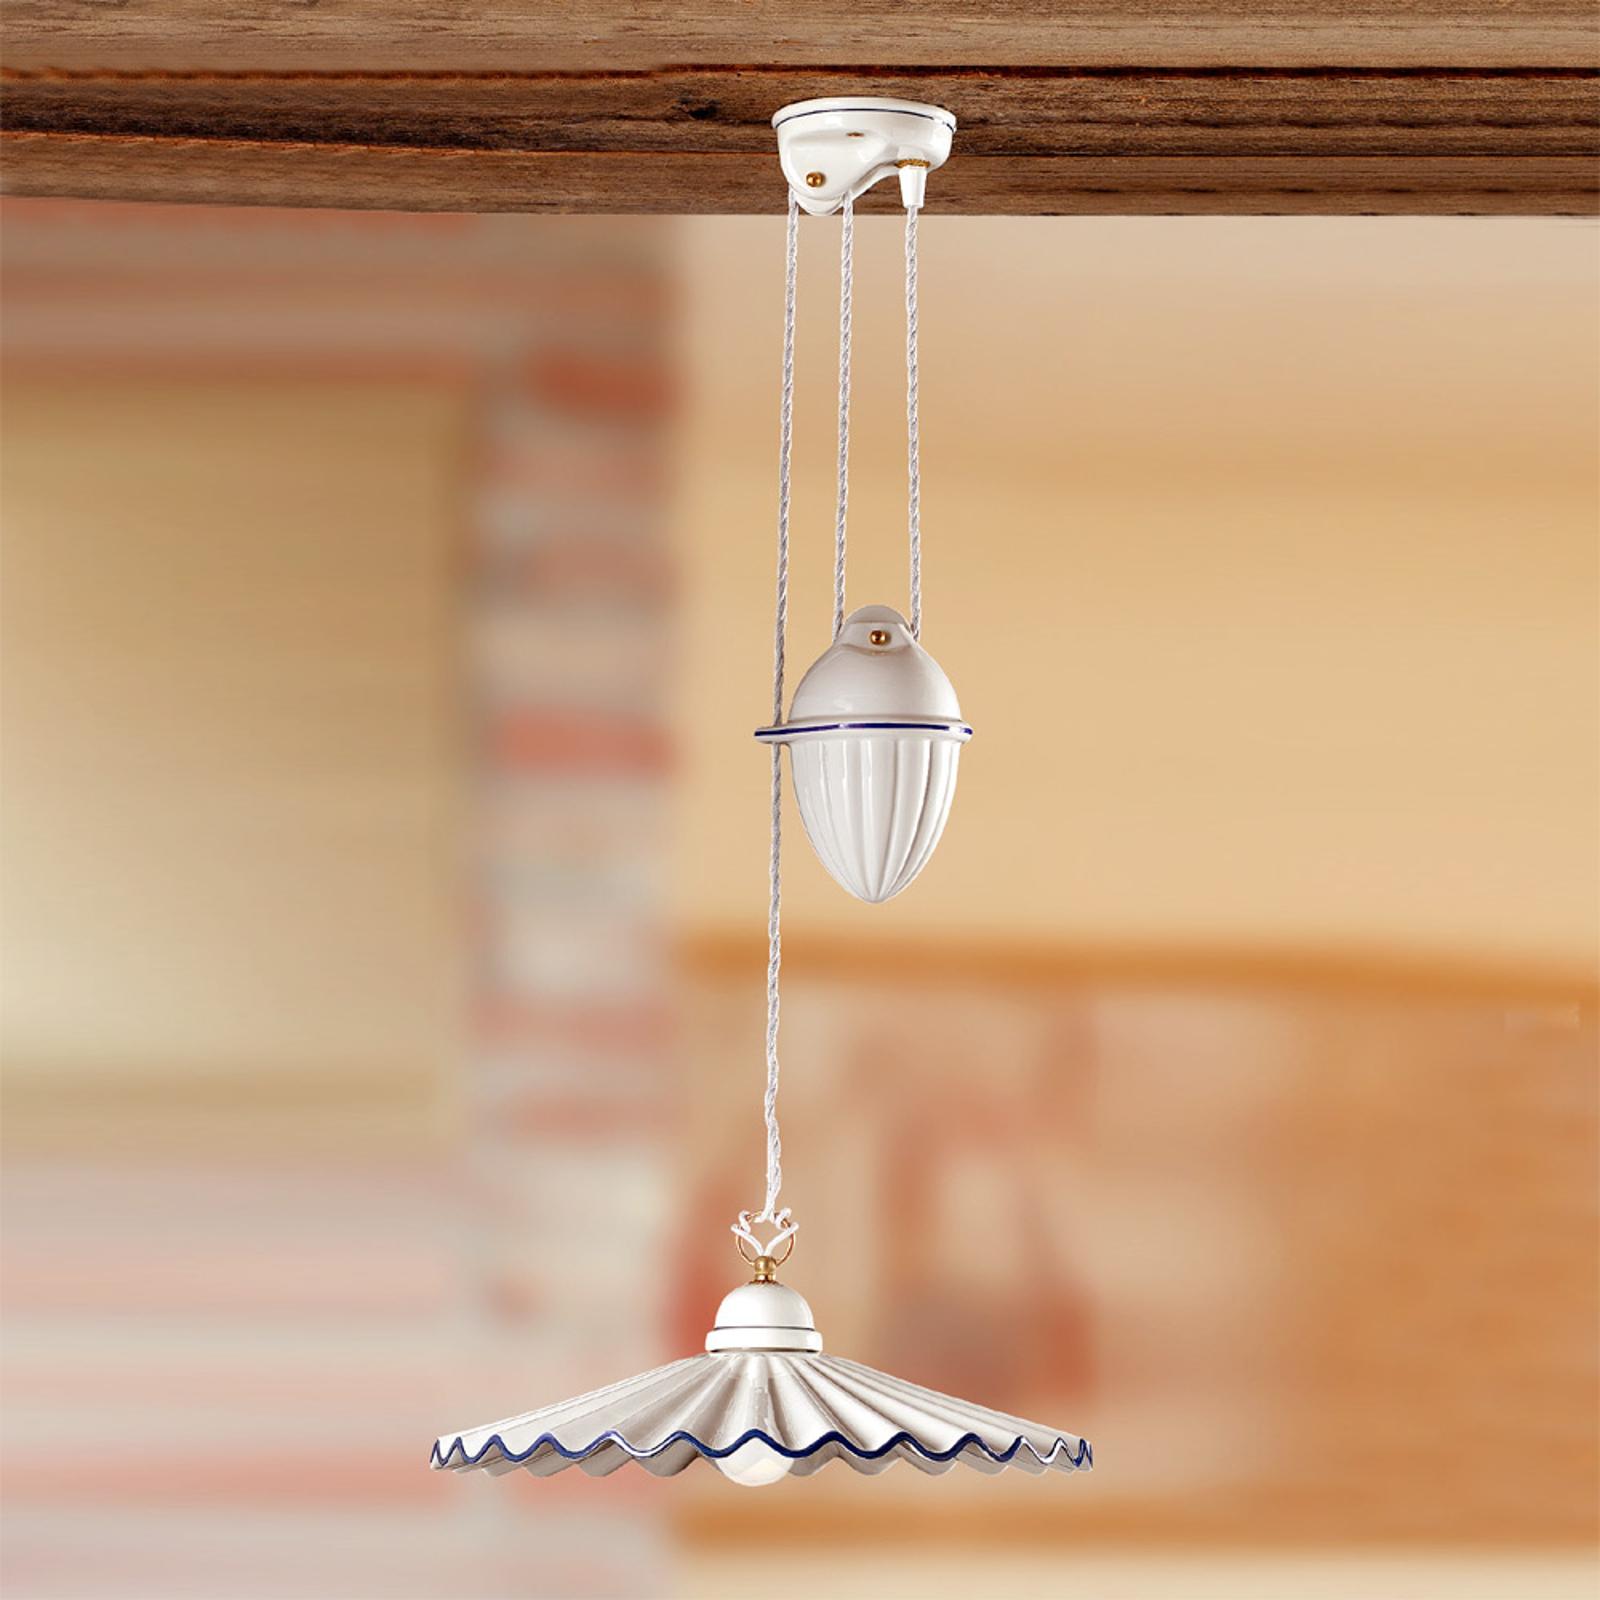 Výškovo variabilne závesná lampa PIEGHE s tiahlom